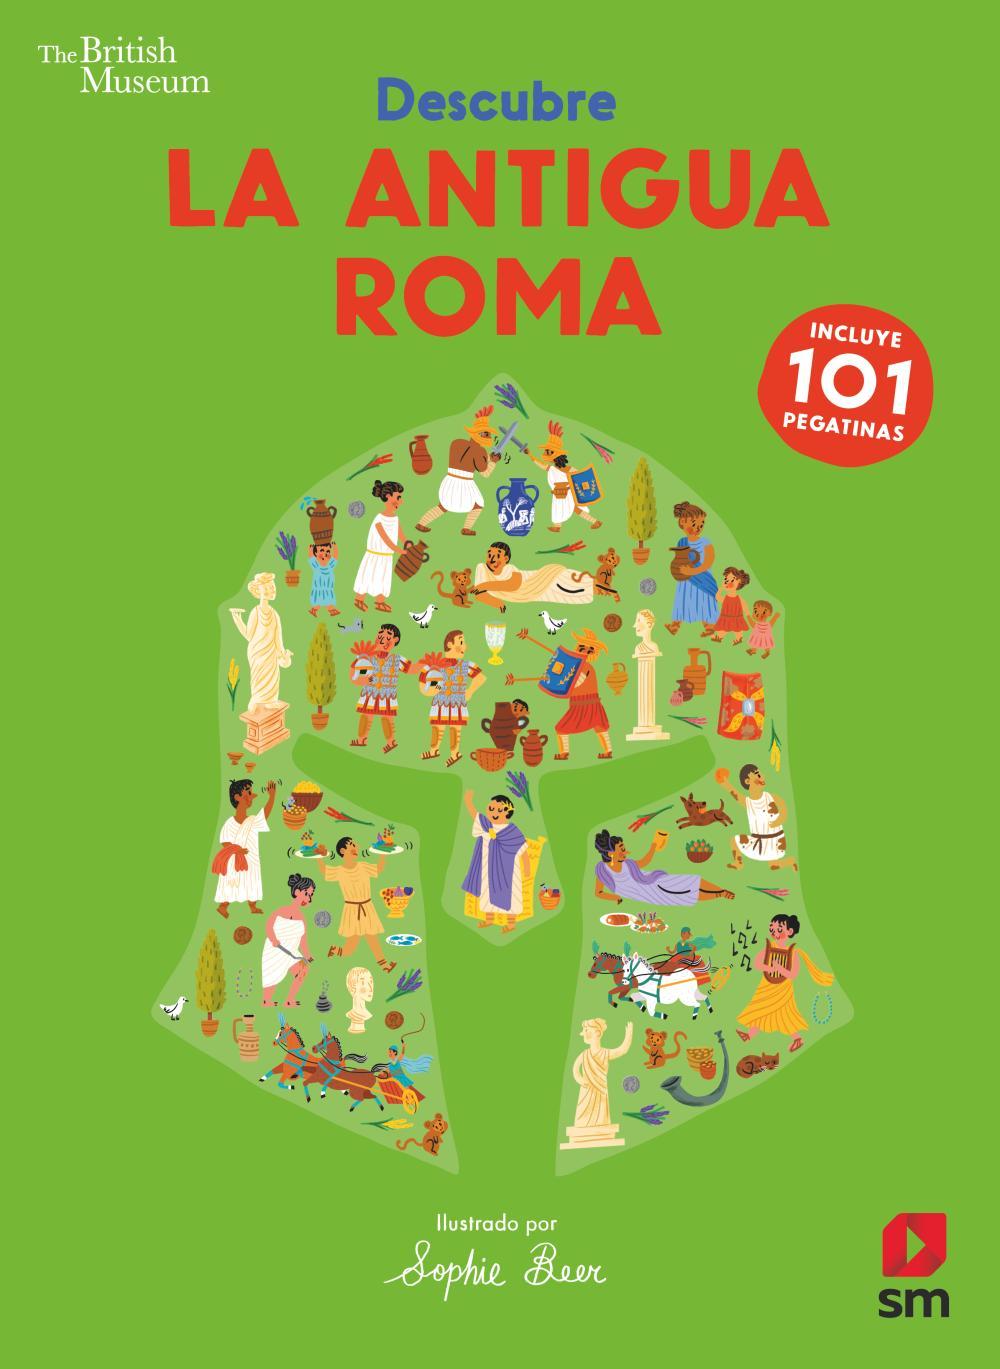 Descubre la Antigua Roma